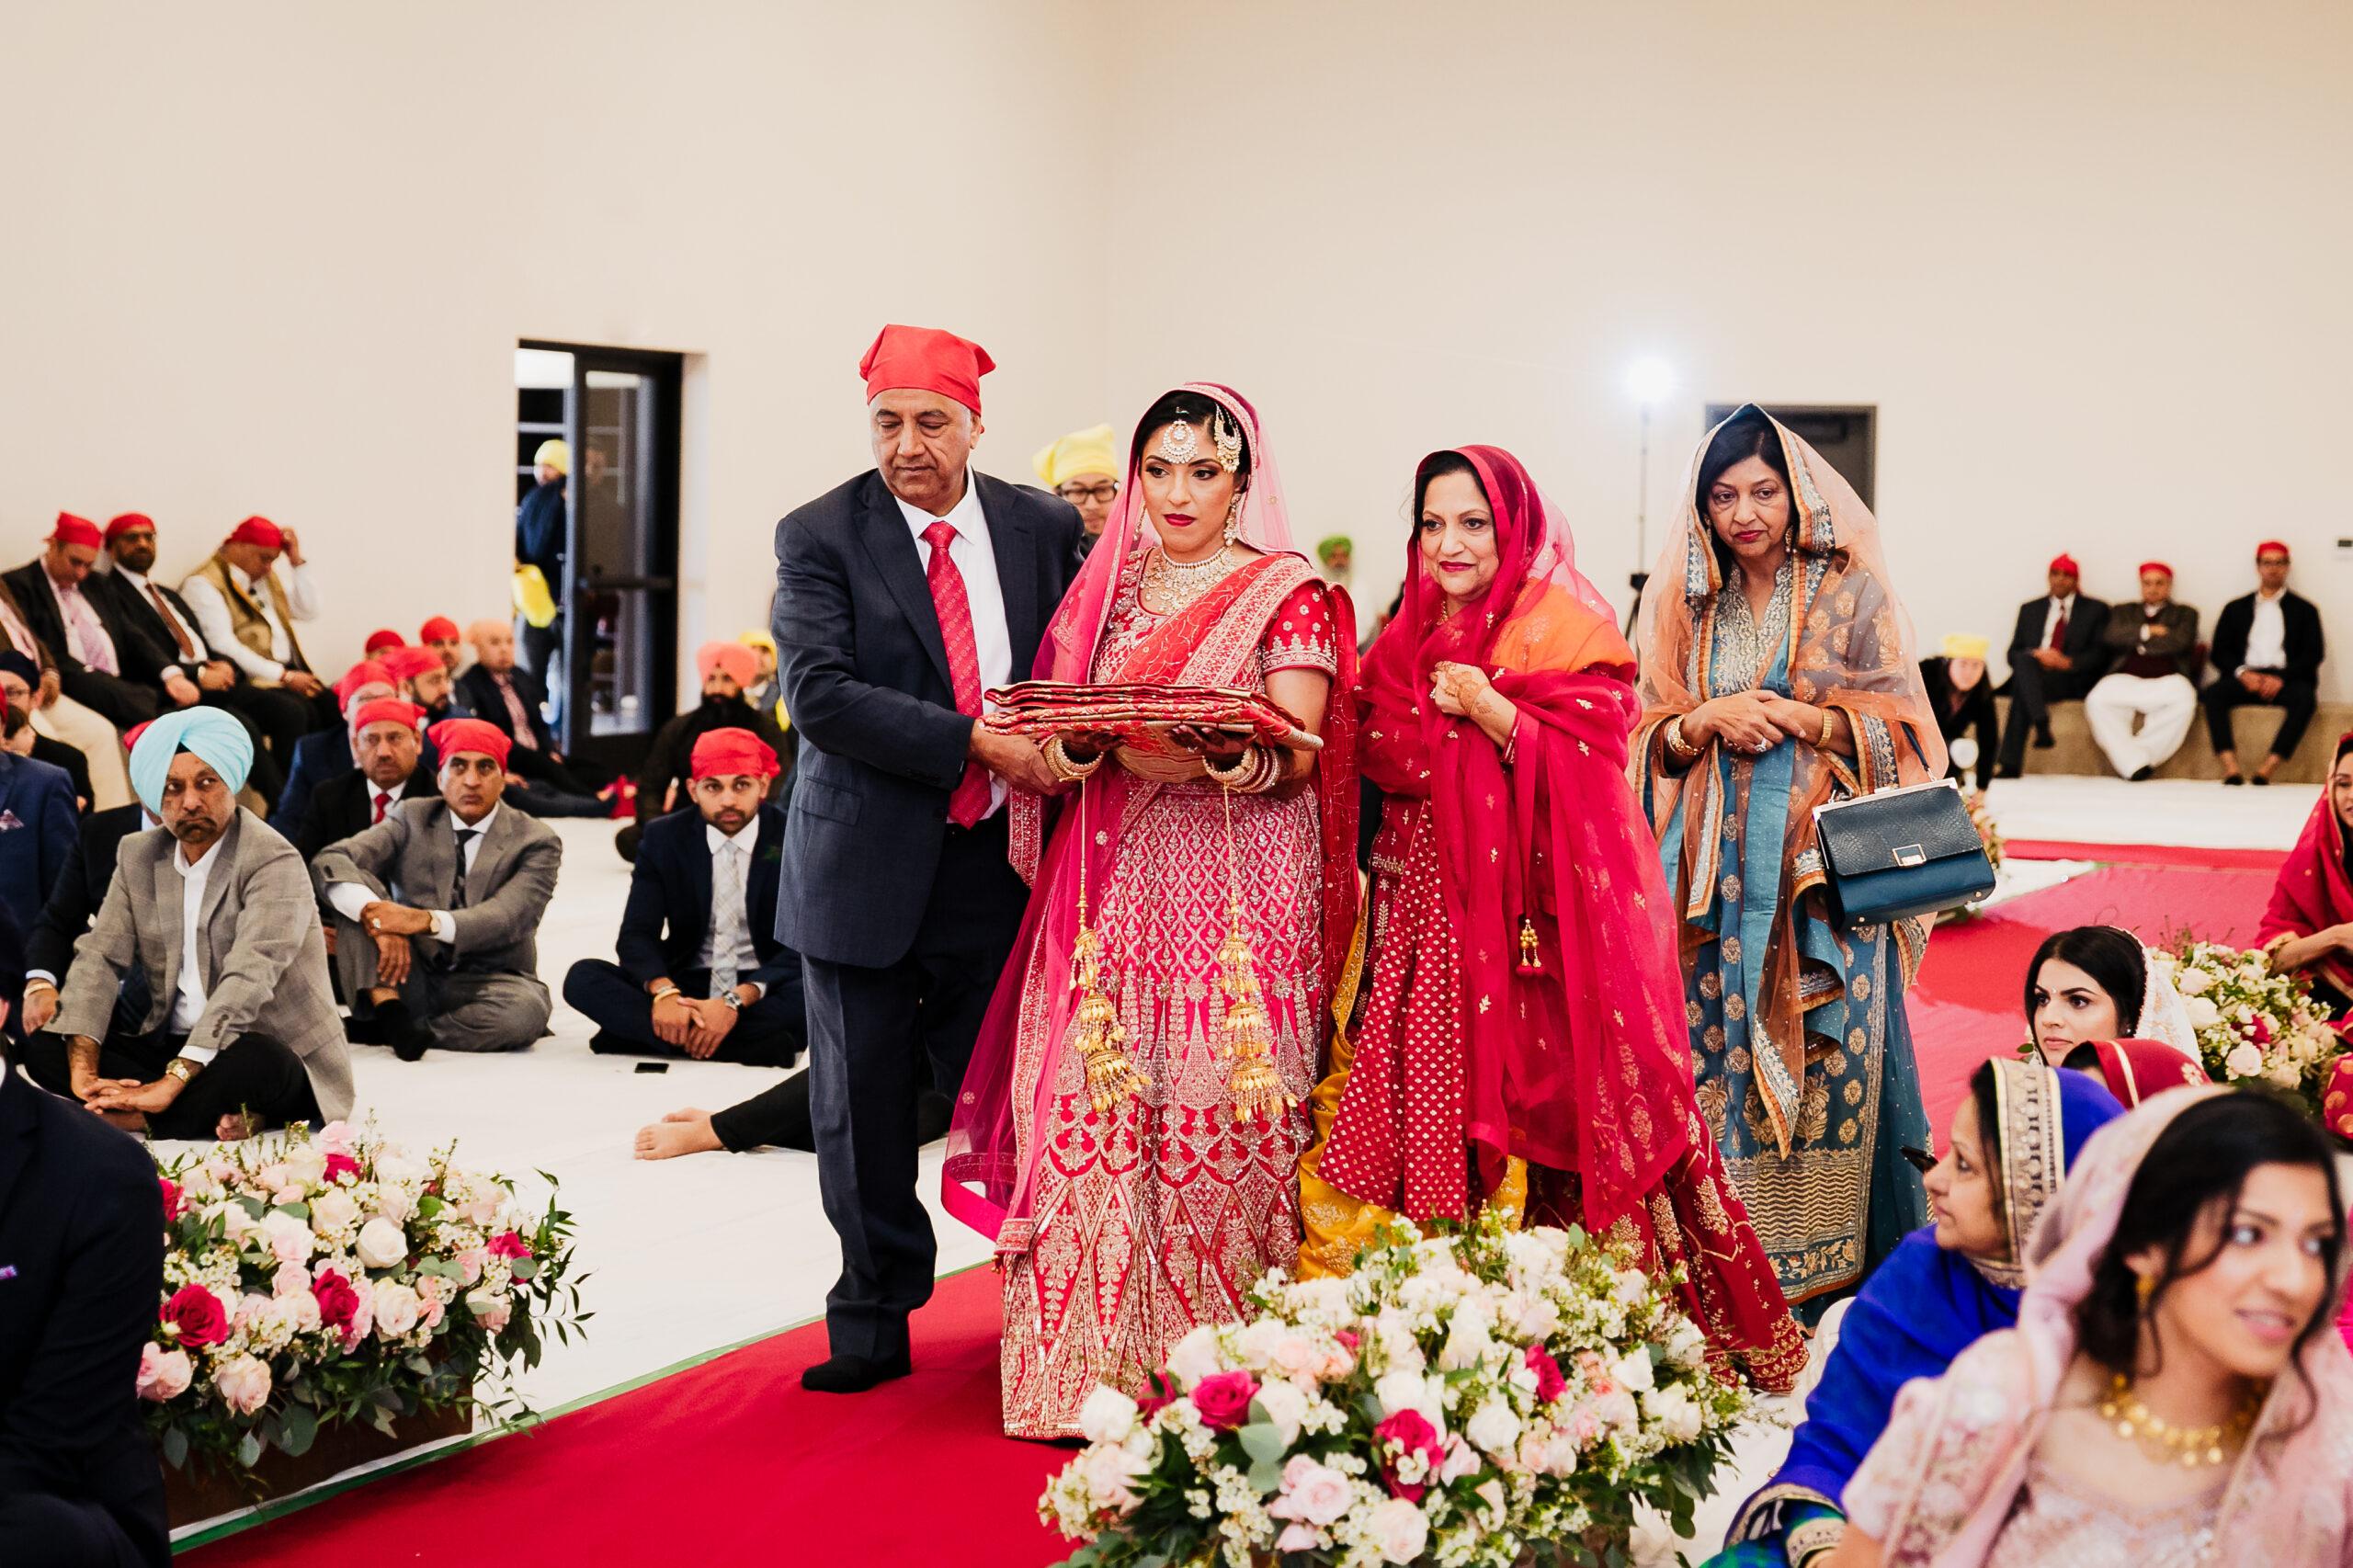 ER-Nixon-Library-Yorba-Linda-Indian-Wedding-Photography-918